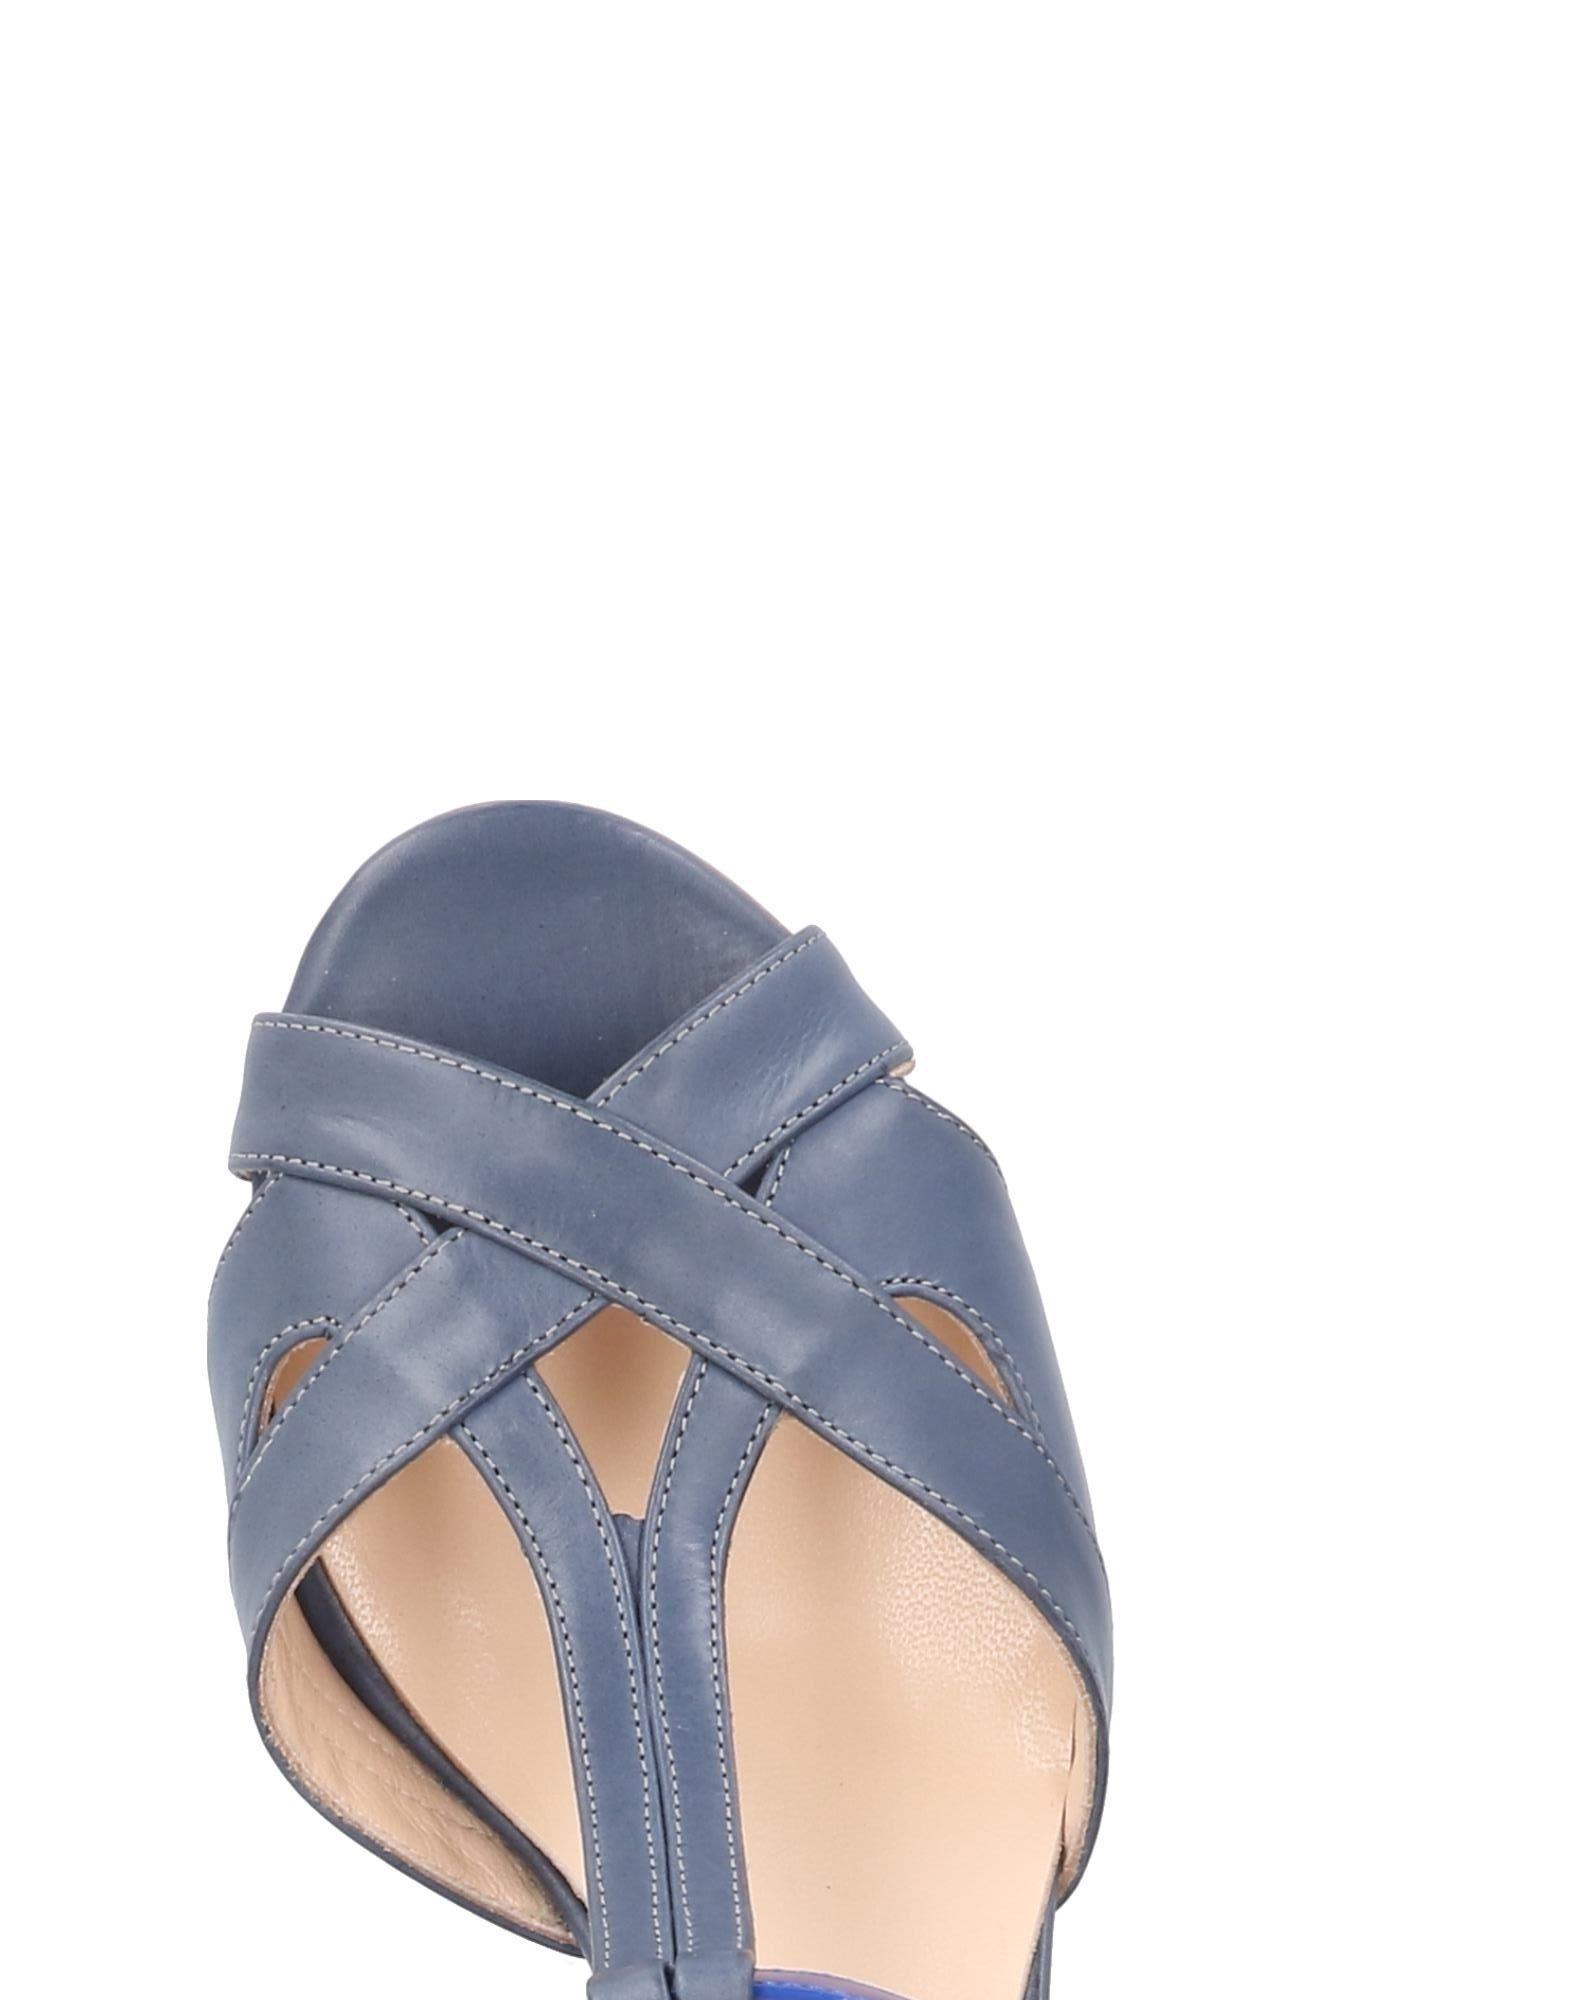 Prezioso Sandalen Damen  11481800EE Gute Qualität beliebte Schuhe